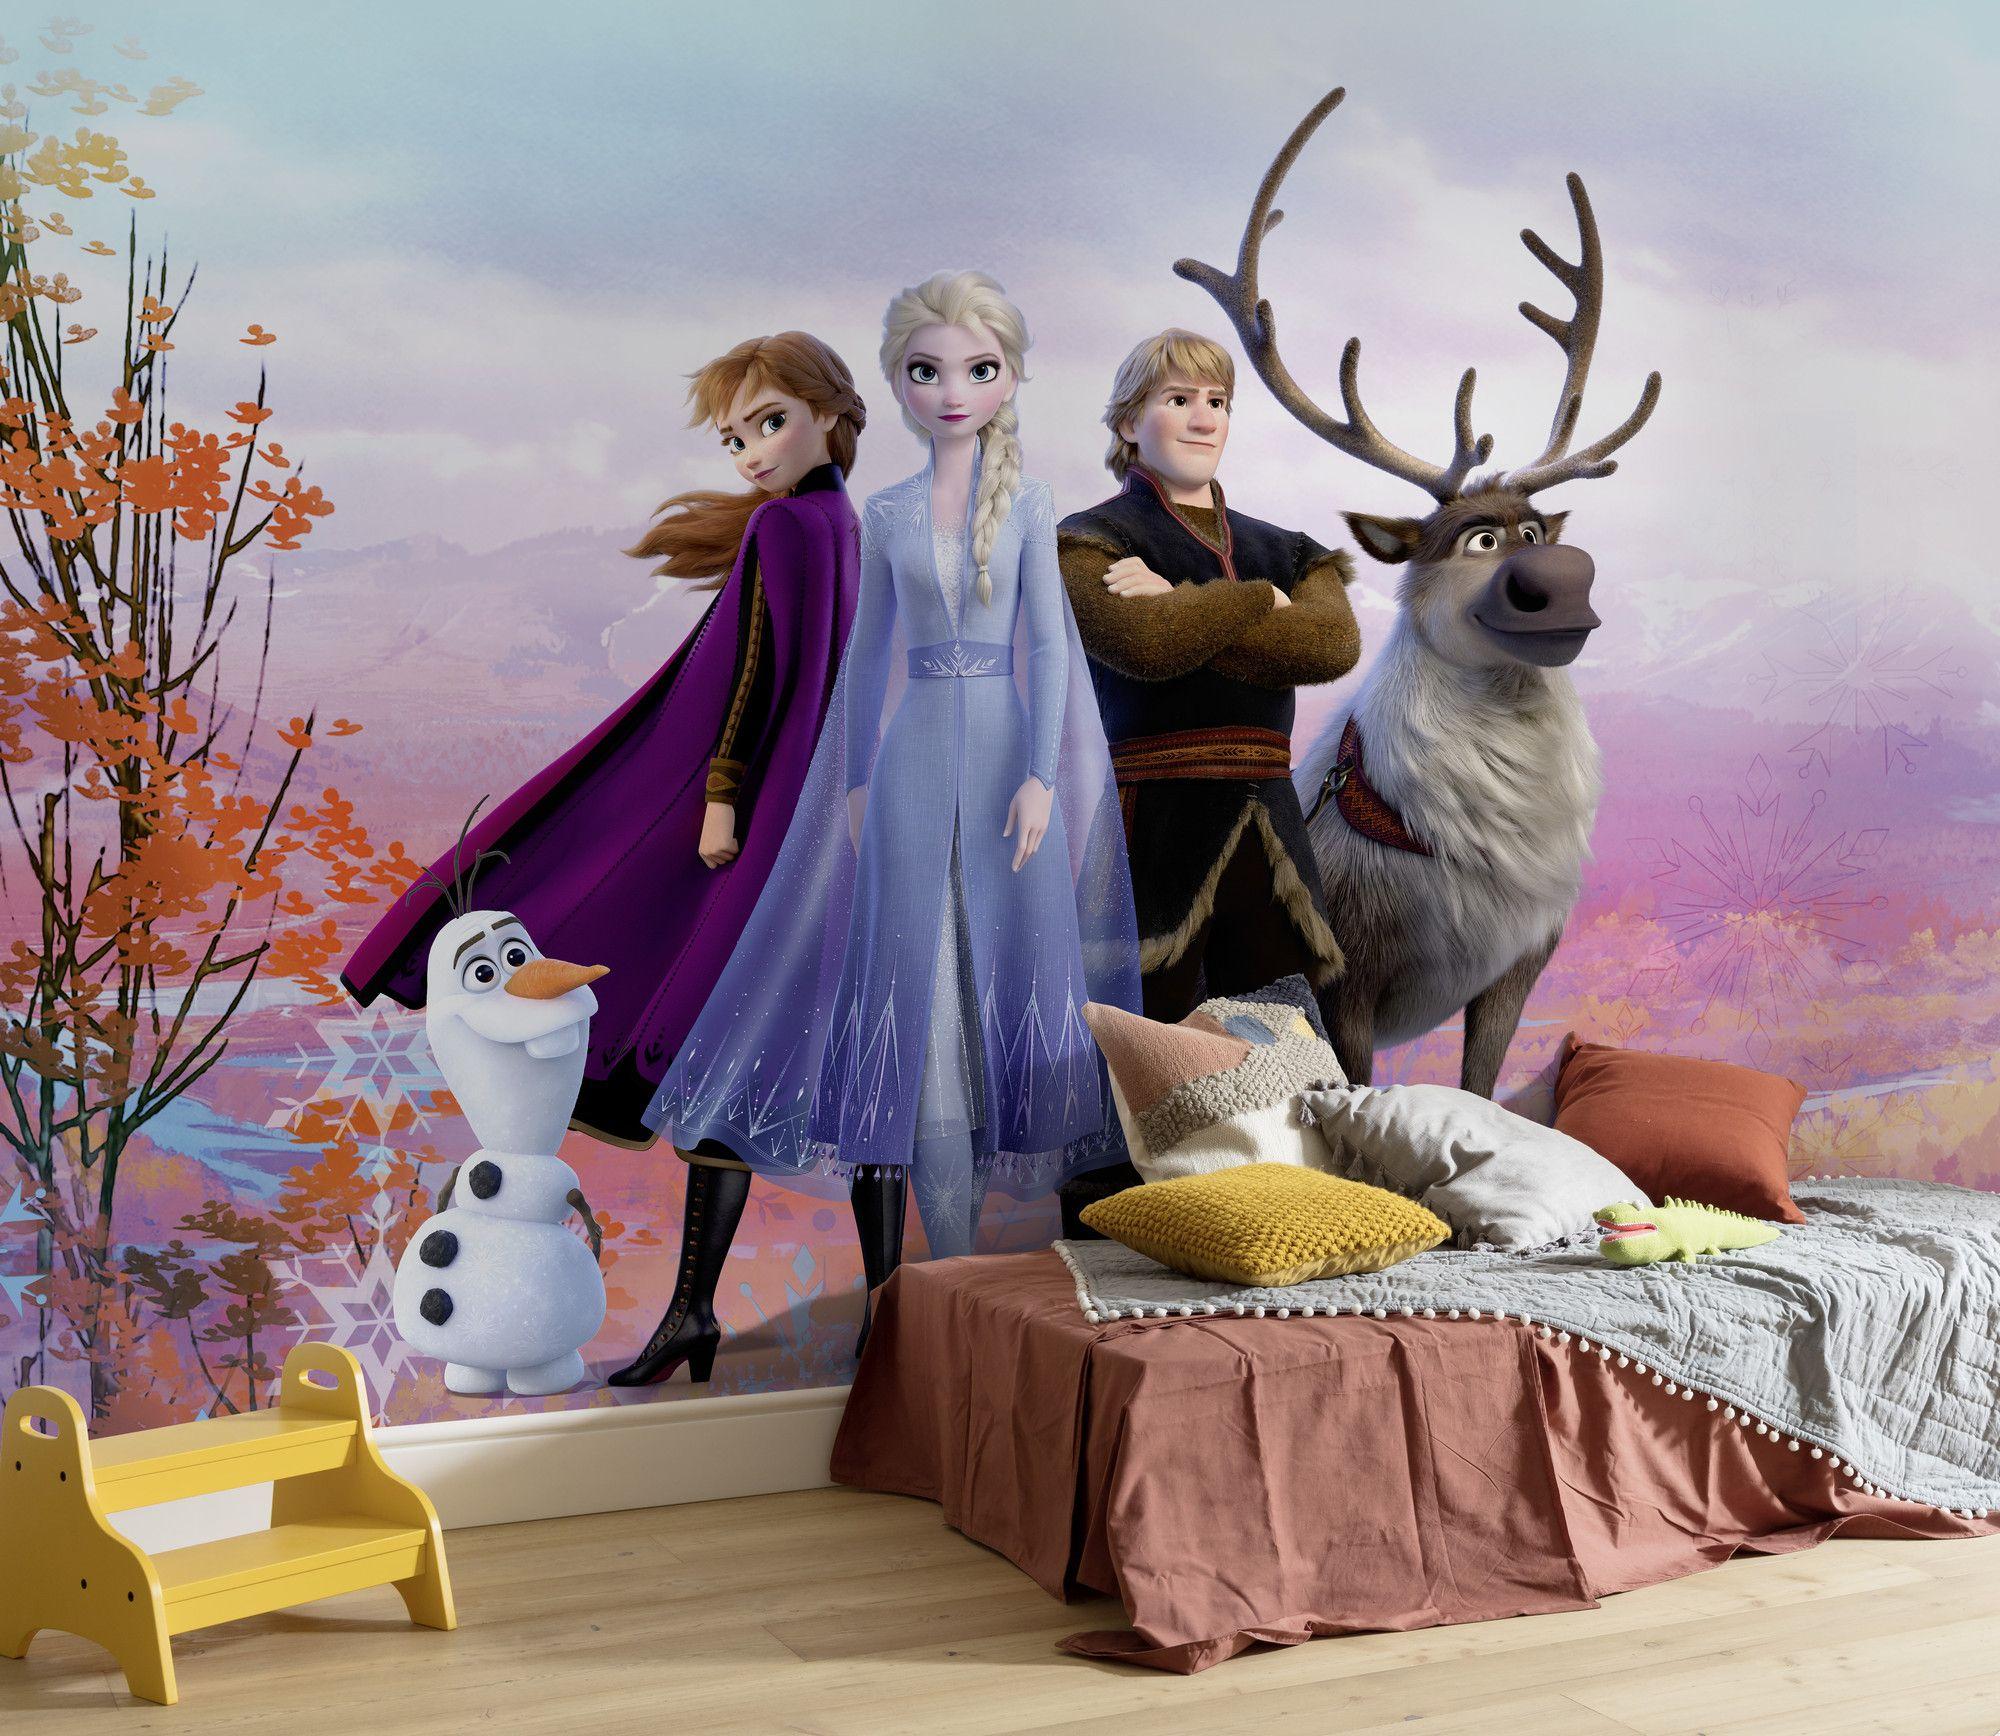 Elsa Frozen blue bedroom wallpaper murals 254x184cm photo wall decor DISNEY